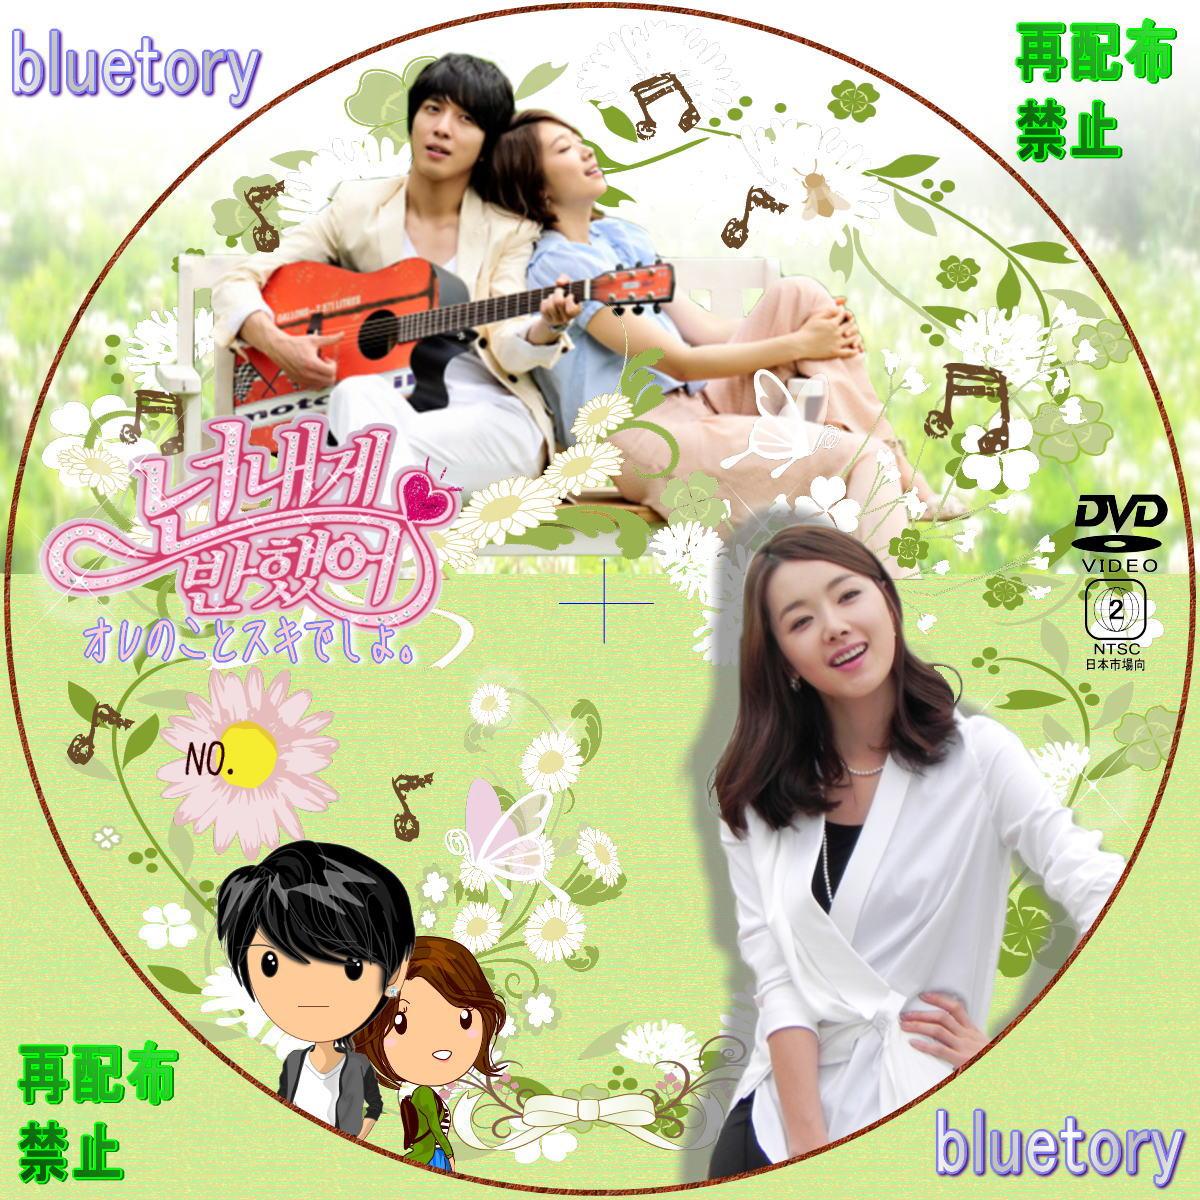 ソクヒョン&ユンス-3